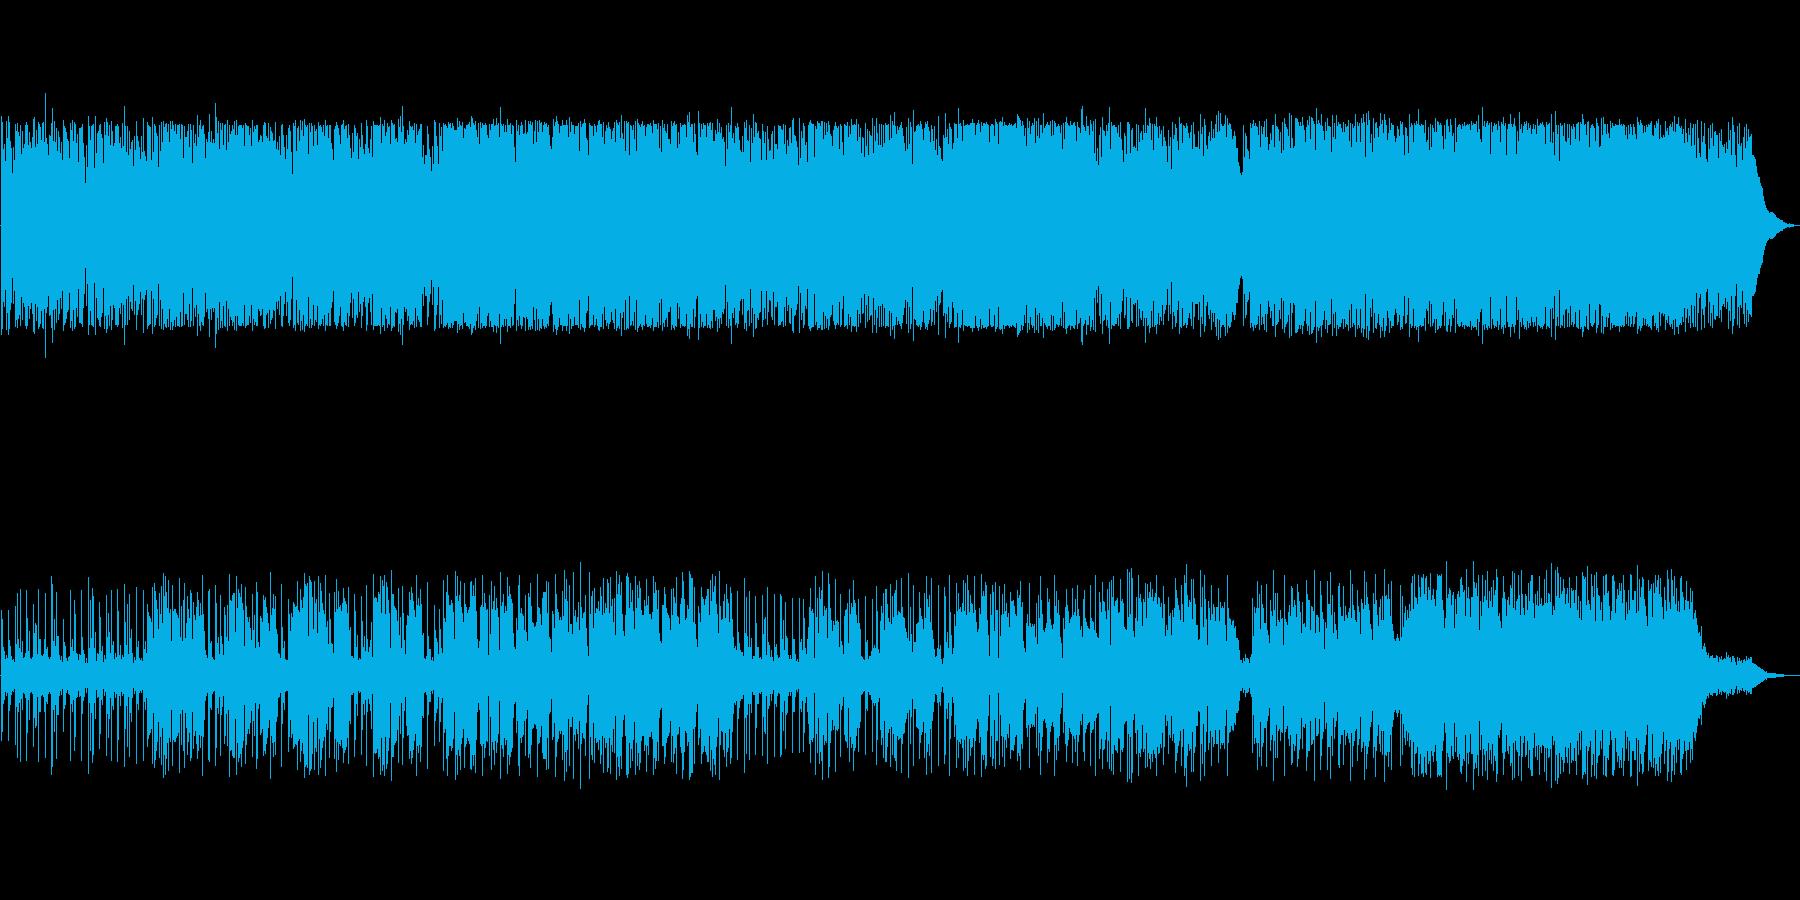 和やかで柔らかい英語詞の曲の再生済みの波形